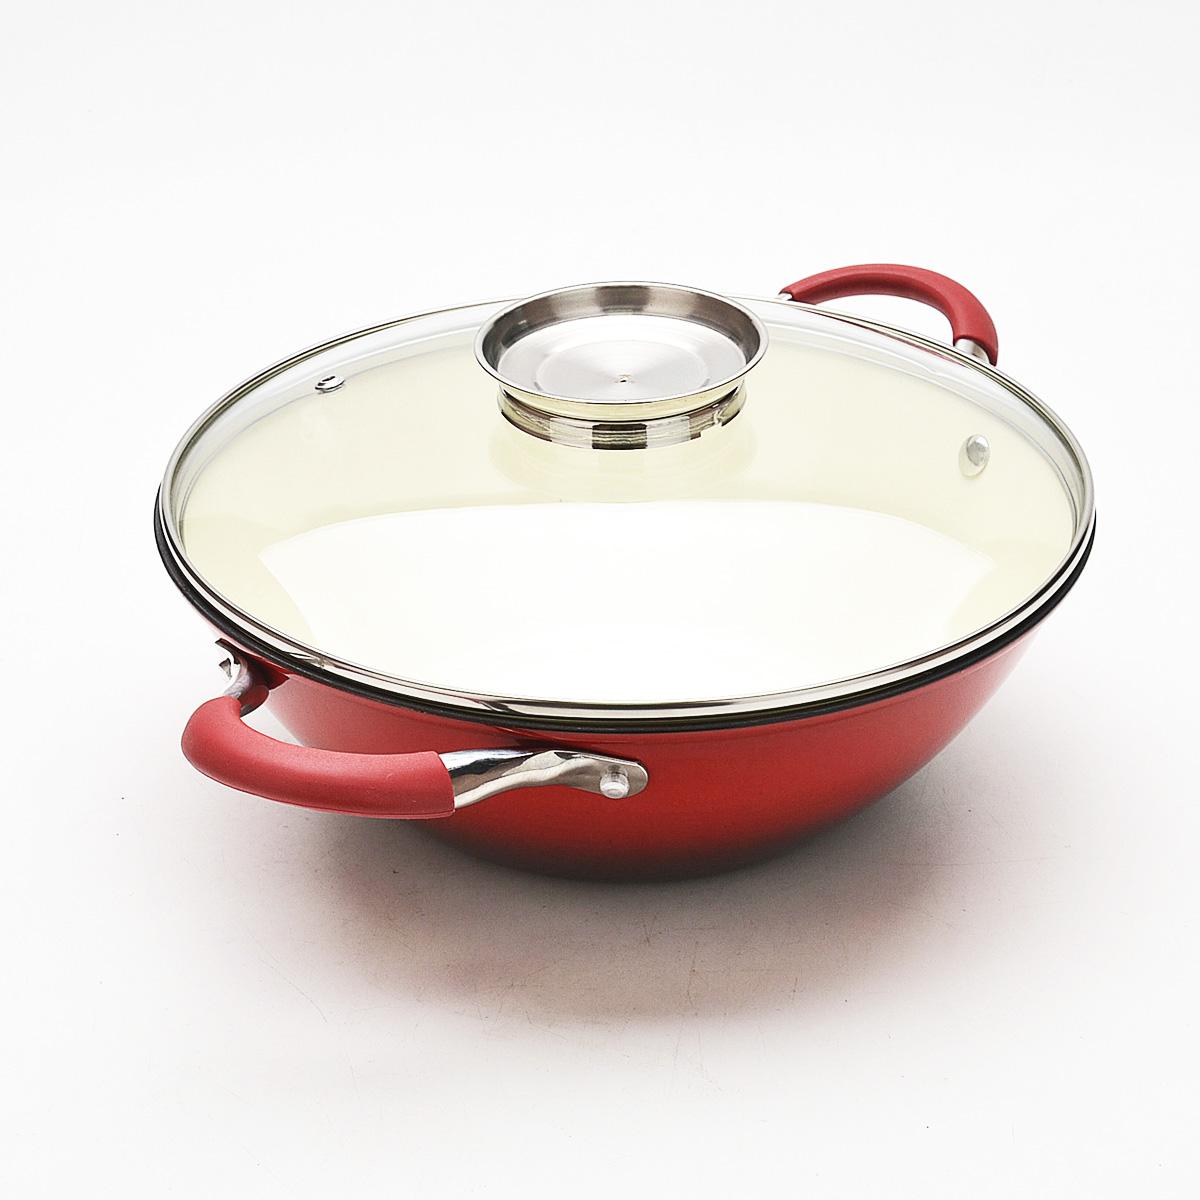 Казан Mayer & Boch с крышкой, с эмалевым покрытием, цвет: красный, 5,6 л22177Казан Mayer & Boch, изготовленный из чугуна, идеально подходит для приготовления вкусных тушеных блюд. Он имеет внешнее и внутреннее эмалевое покрытие. Чугун является традиционным высокопрочным, экологически чистым материалом. Его главной особенностью является то, что эмаль наносится с внешней стороны изделия, а внутри - керамическое покрытие. Причем, чем дольше и чаще вы пользуетесь этой посудой, тем лучше становятся ее свойства. Высокая теплоемкость чугуна позволяет ему сильно нагреваться и медленно остывать, а это в свою очередь обеспечивает равномерное приготовление пищи. Чугун не вступает в какие-либо химические реакции с пищей в процессе приготовления и хранения, а плотное покрытие - безупречное препятствие для бактерий и запахов. Пища, приготовленная в чугунной посуде, благодаря экологической чистоте материала не может нанести вред здоровью человека. Казан оснащен двумя удобными ручками из нержавеющей стали с силиконовыми вставками. К казану...